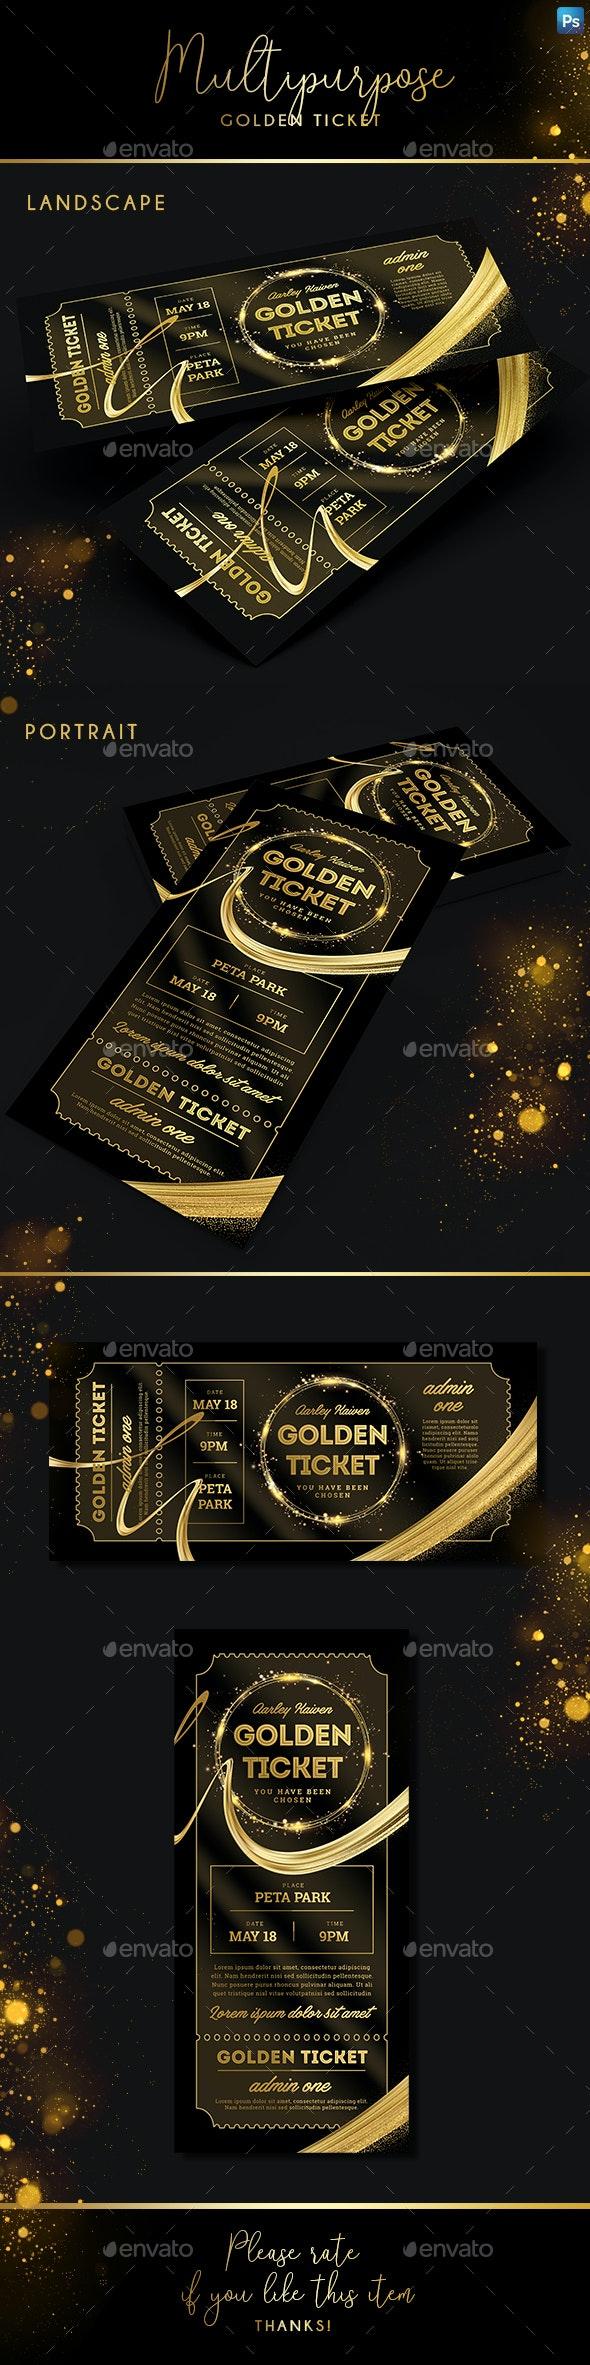 Multipurpose Golden Ticket - Invitations Cards & Invites